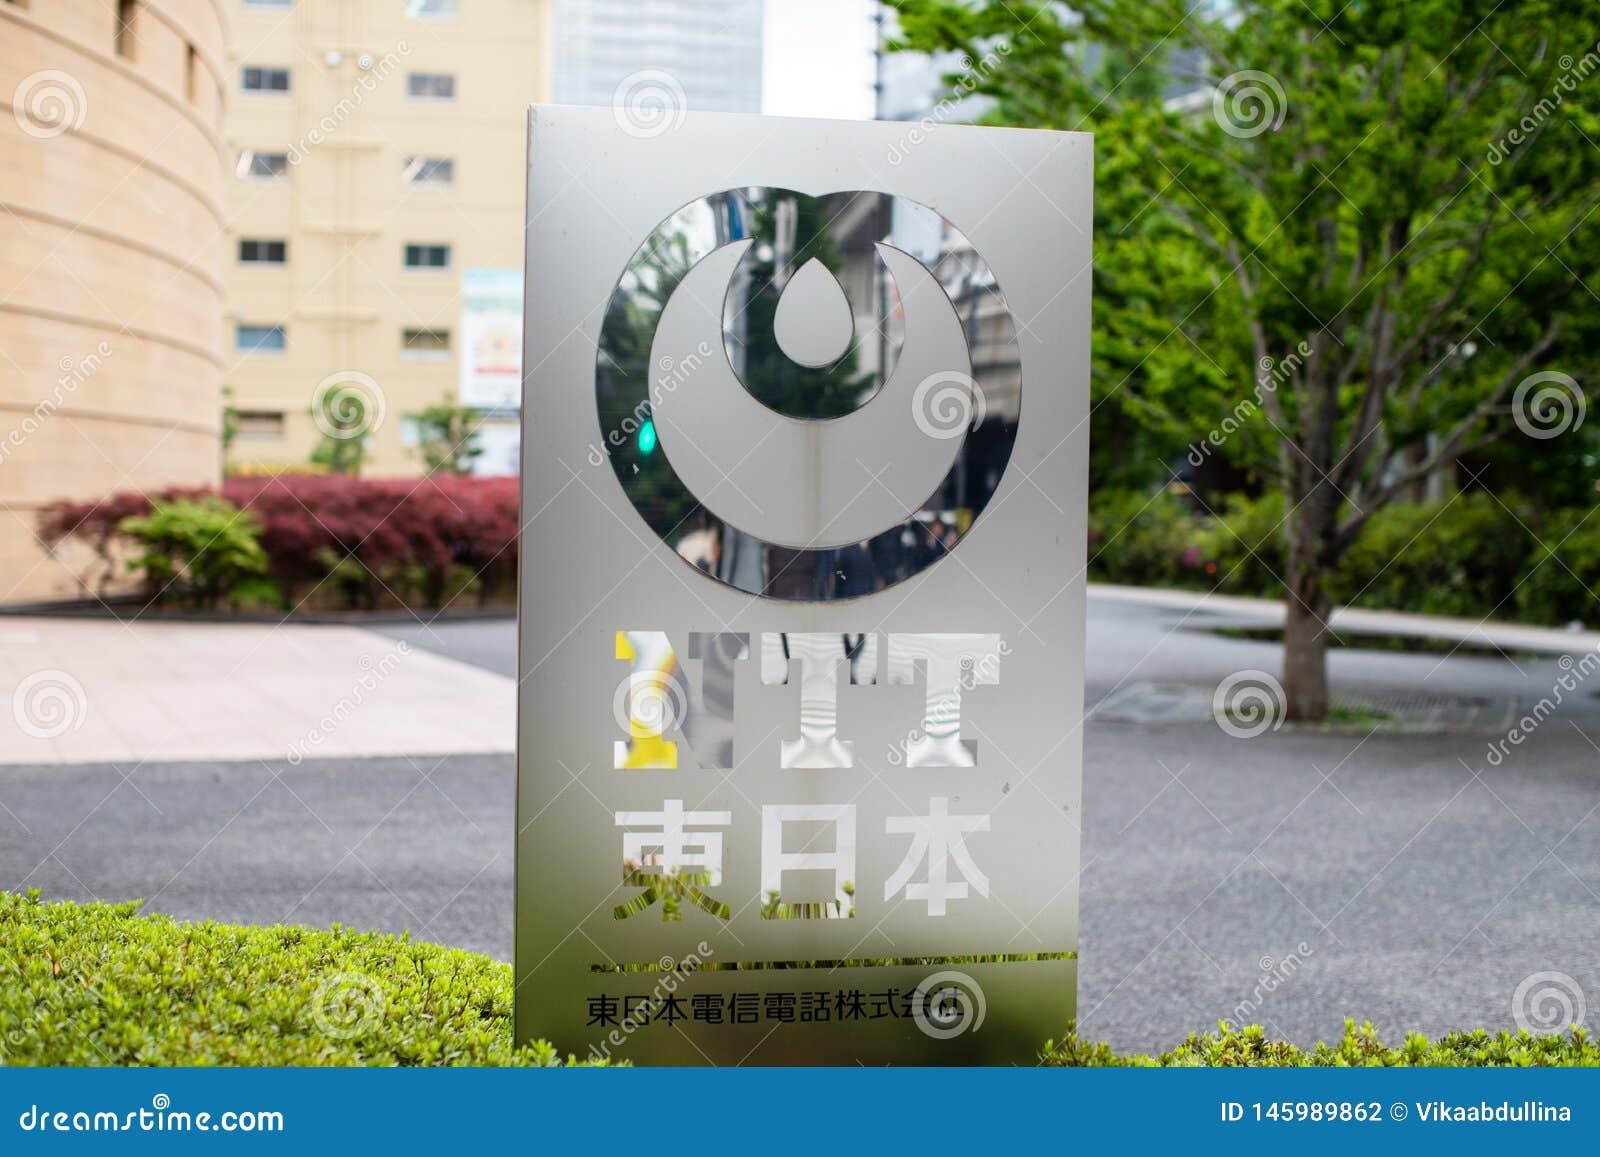 T?l?graphe et t?l?phone du Nippon - logo de NTT, c est une soci?t? de t?l?communication japonaise si?g?e ? Tokyo, Japon